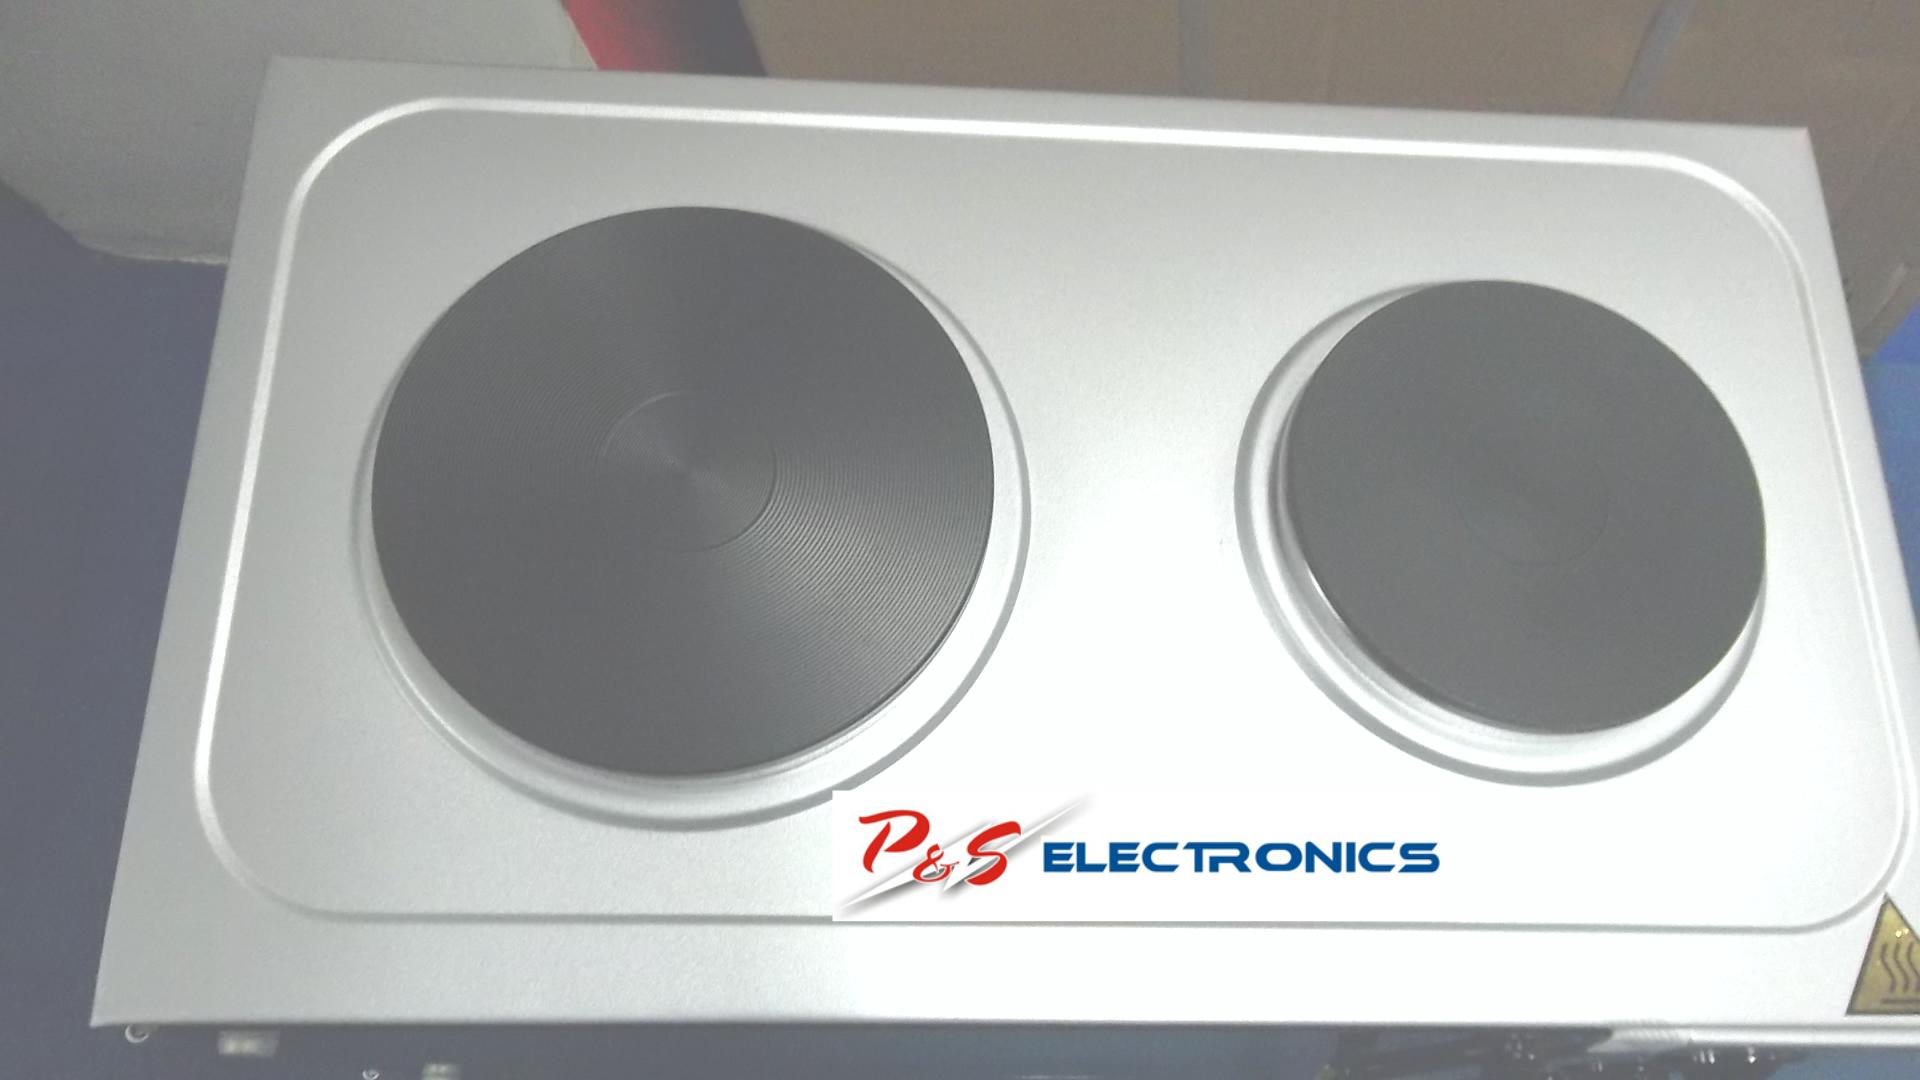 turboline fridge